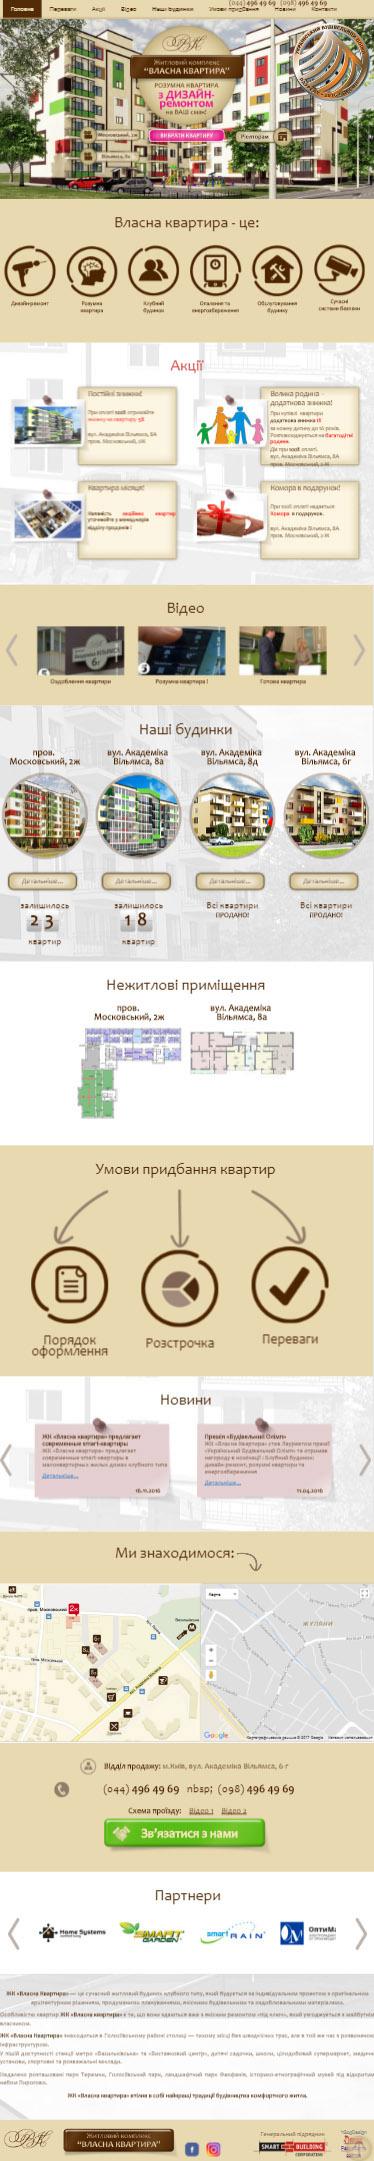 Разработка мобильной версии сайта ЖК «Власна Квартира»-1